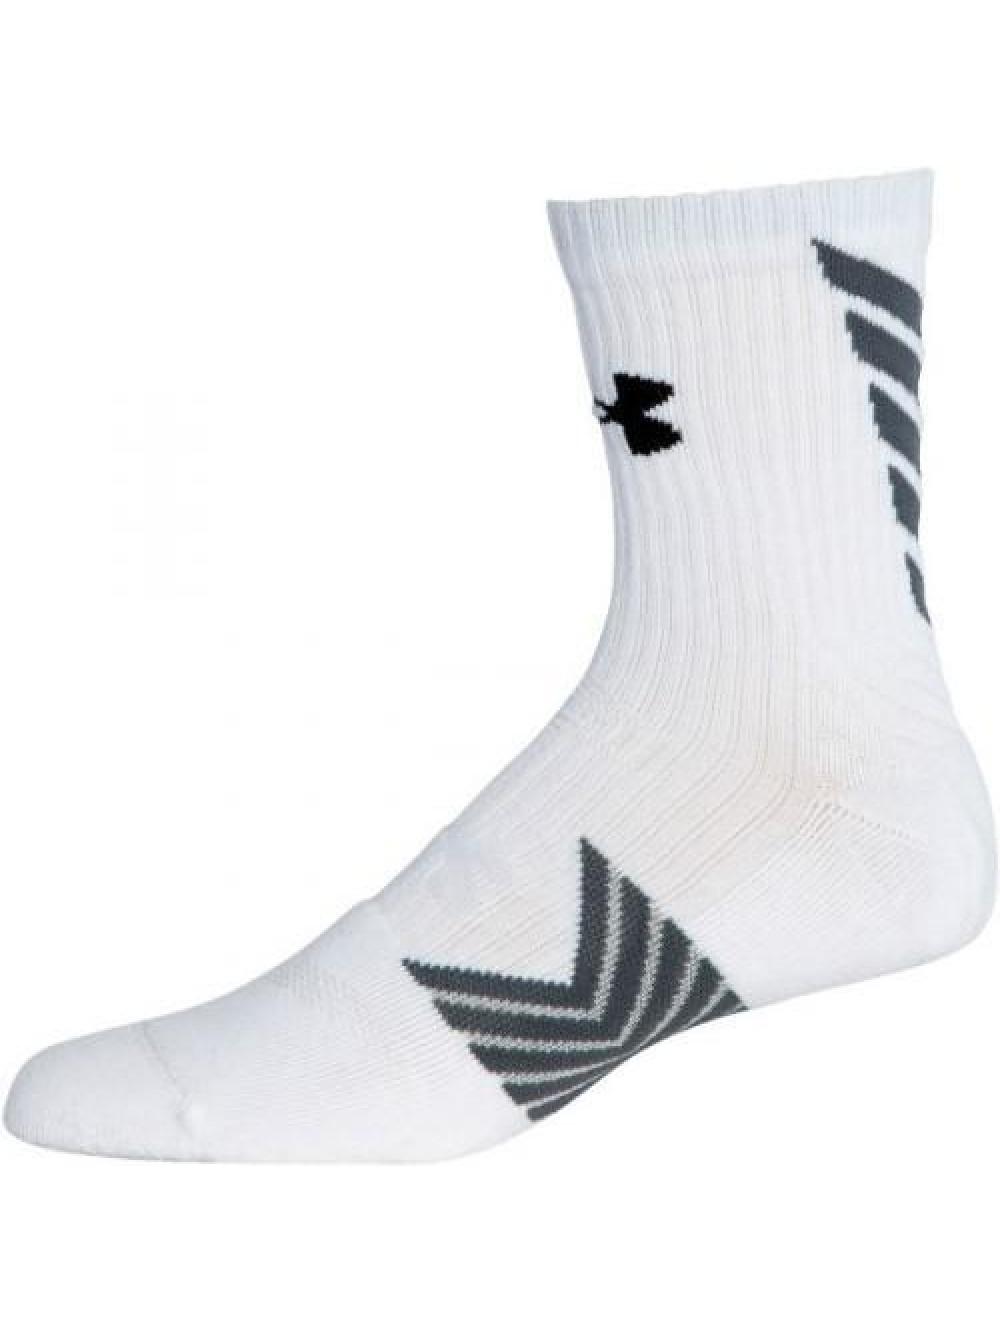 Pánské ponožky Under Armour Undeniable vysoké bílé